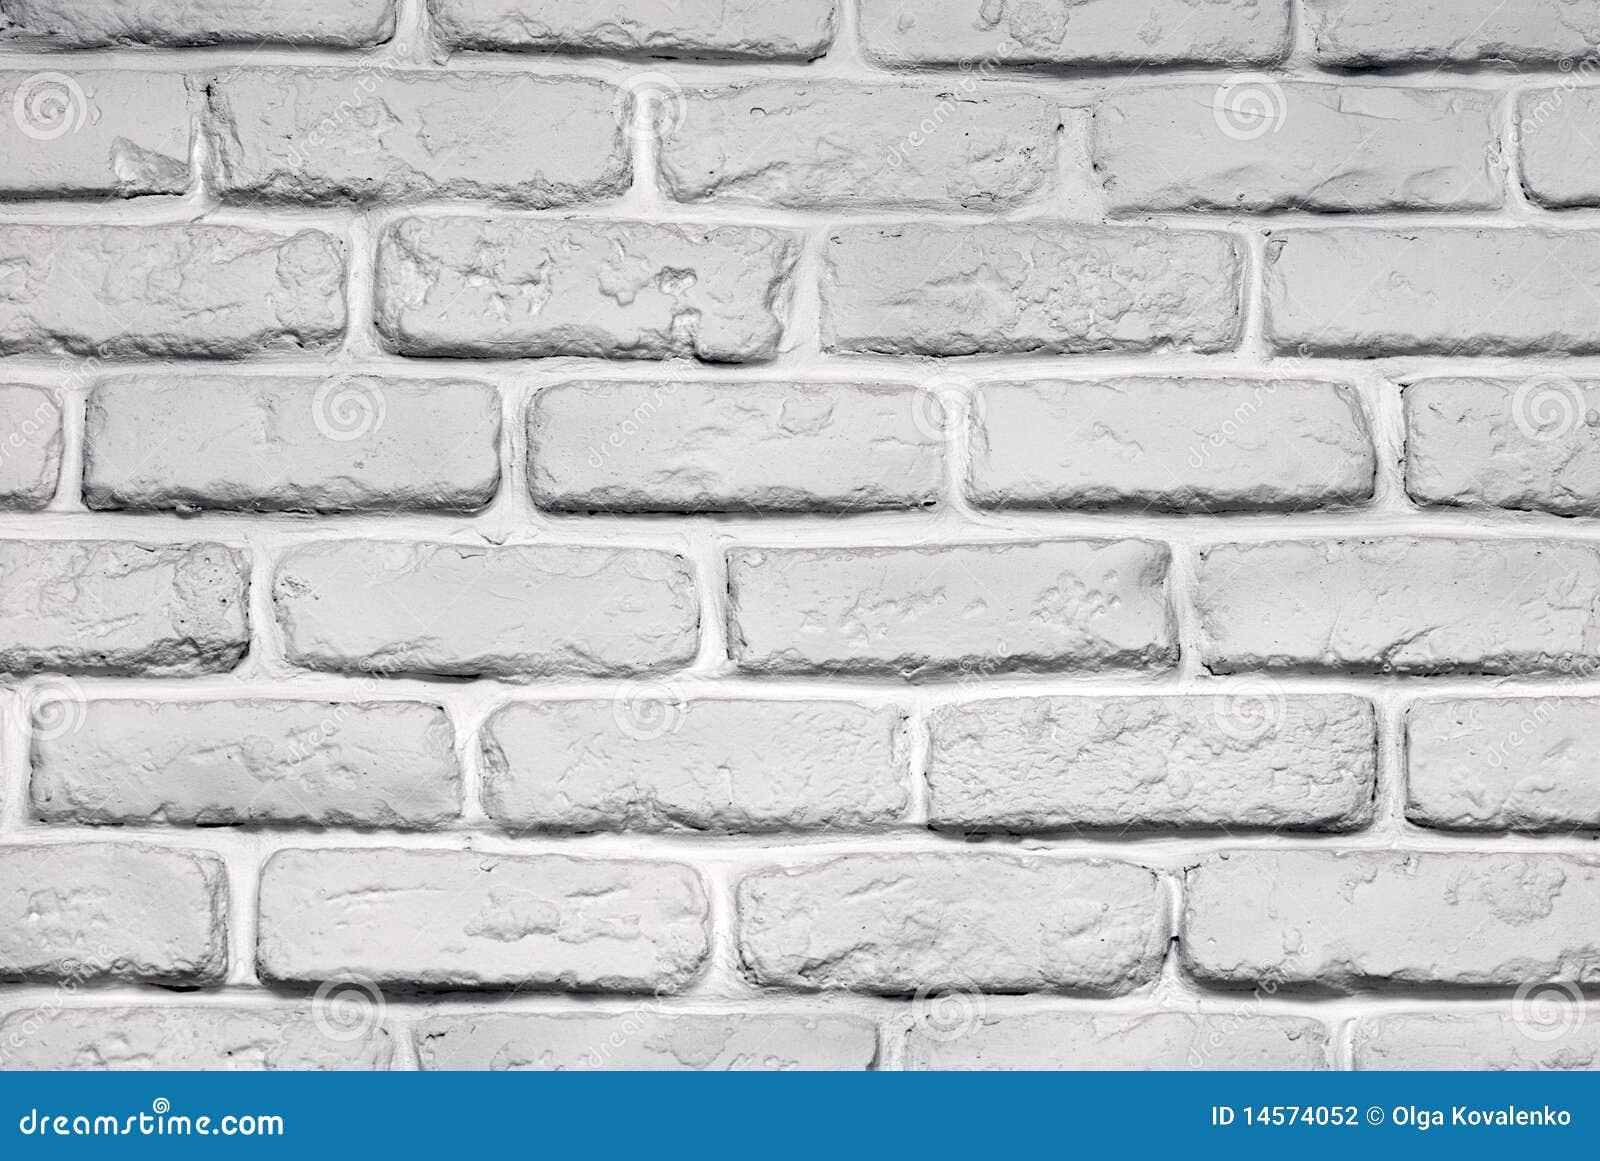 brique de mur peinte photographie stock image 14574052. Black Bedroom Furniture Sets. Home Design Ideas